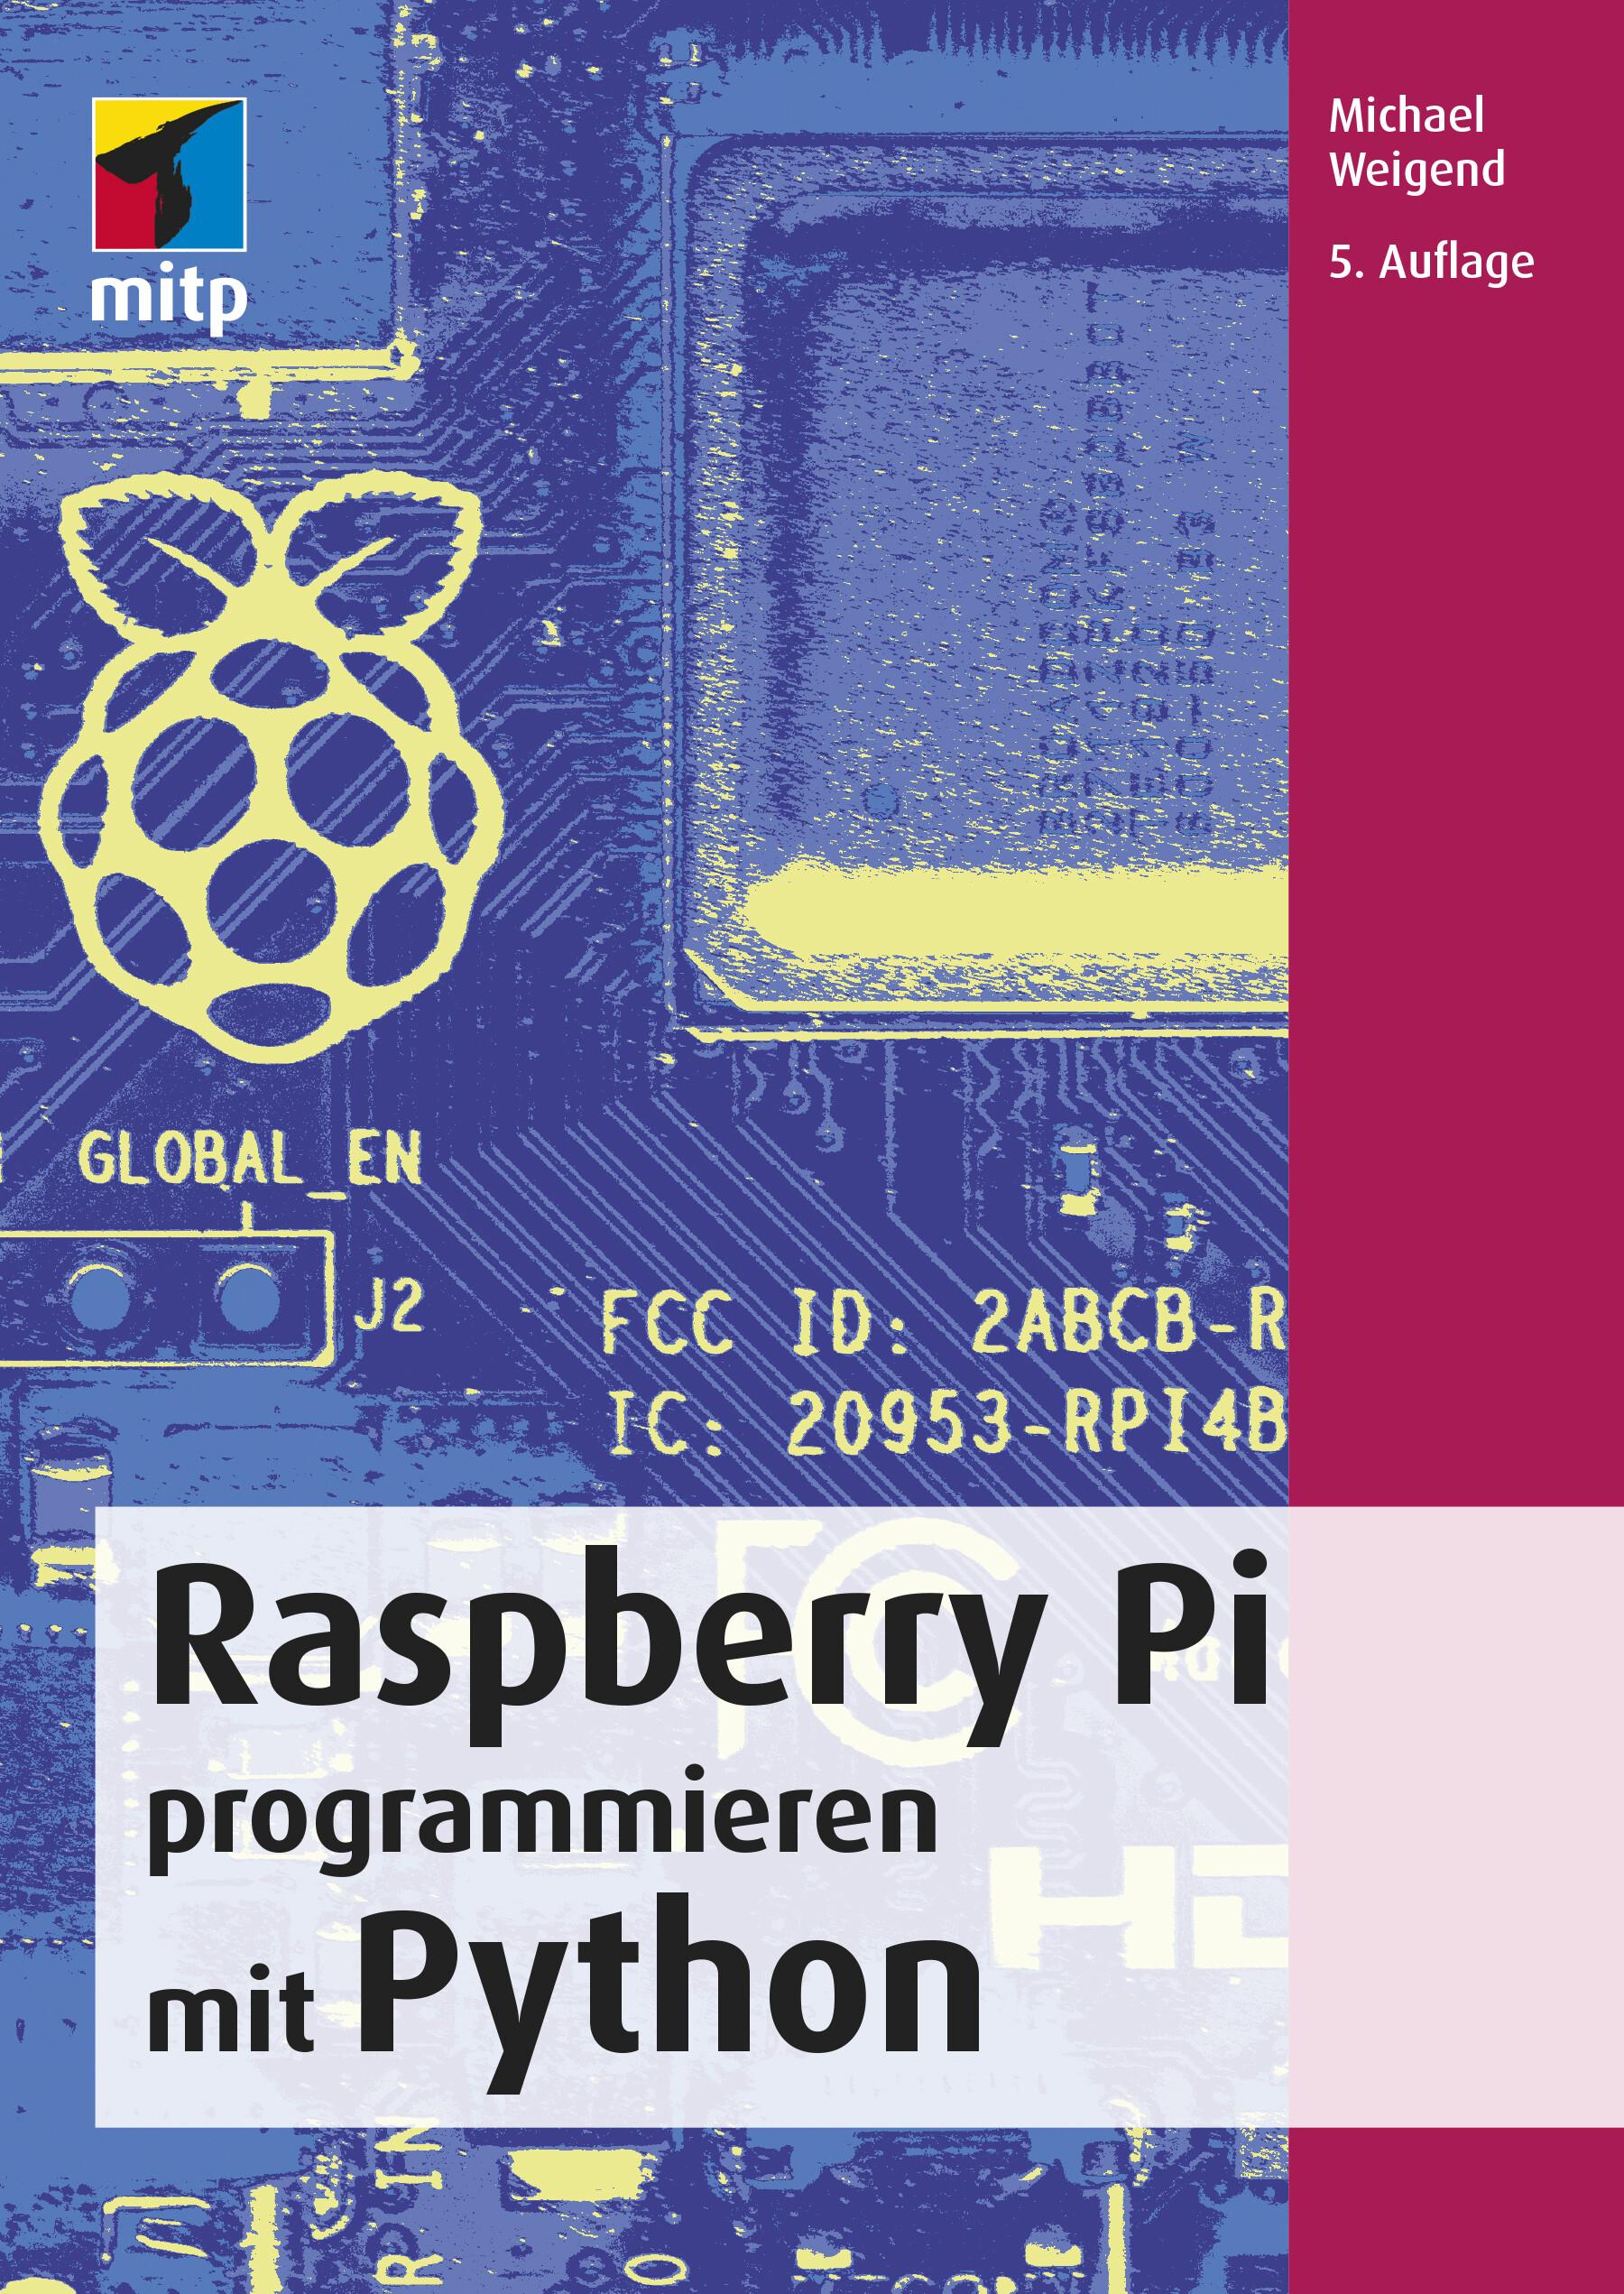 Raspberry Pi programmieren mit Python (5. Auflg.)